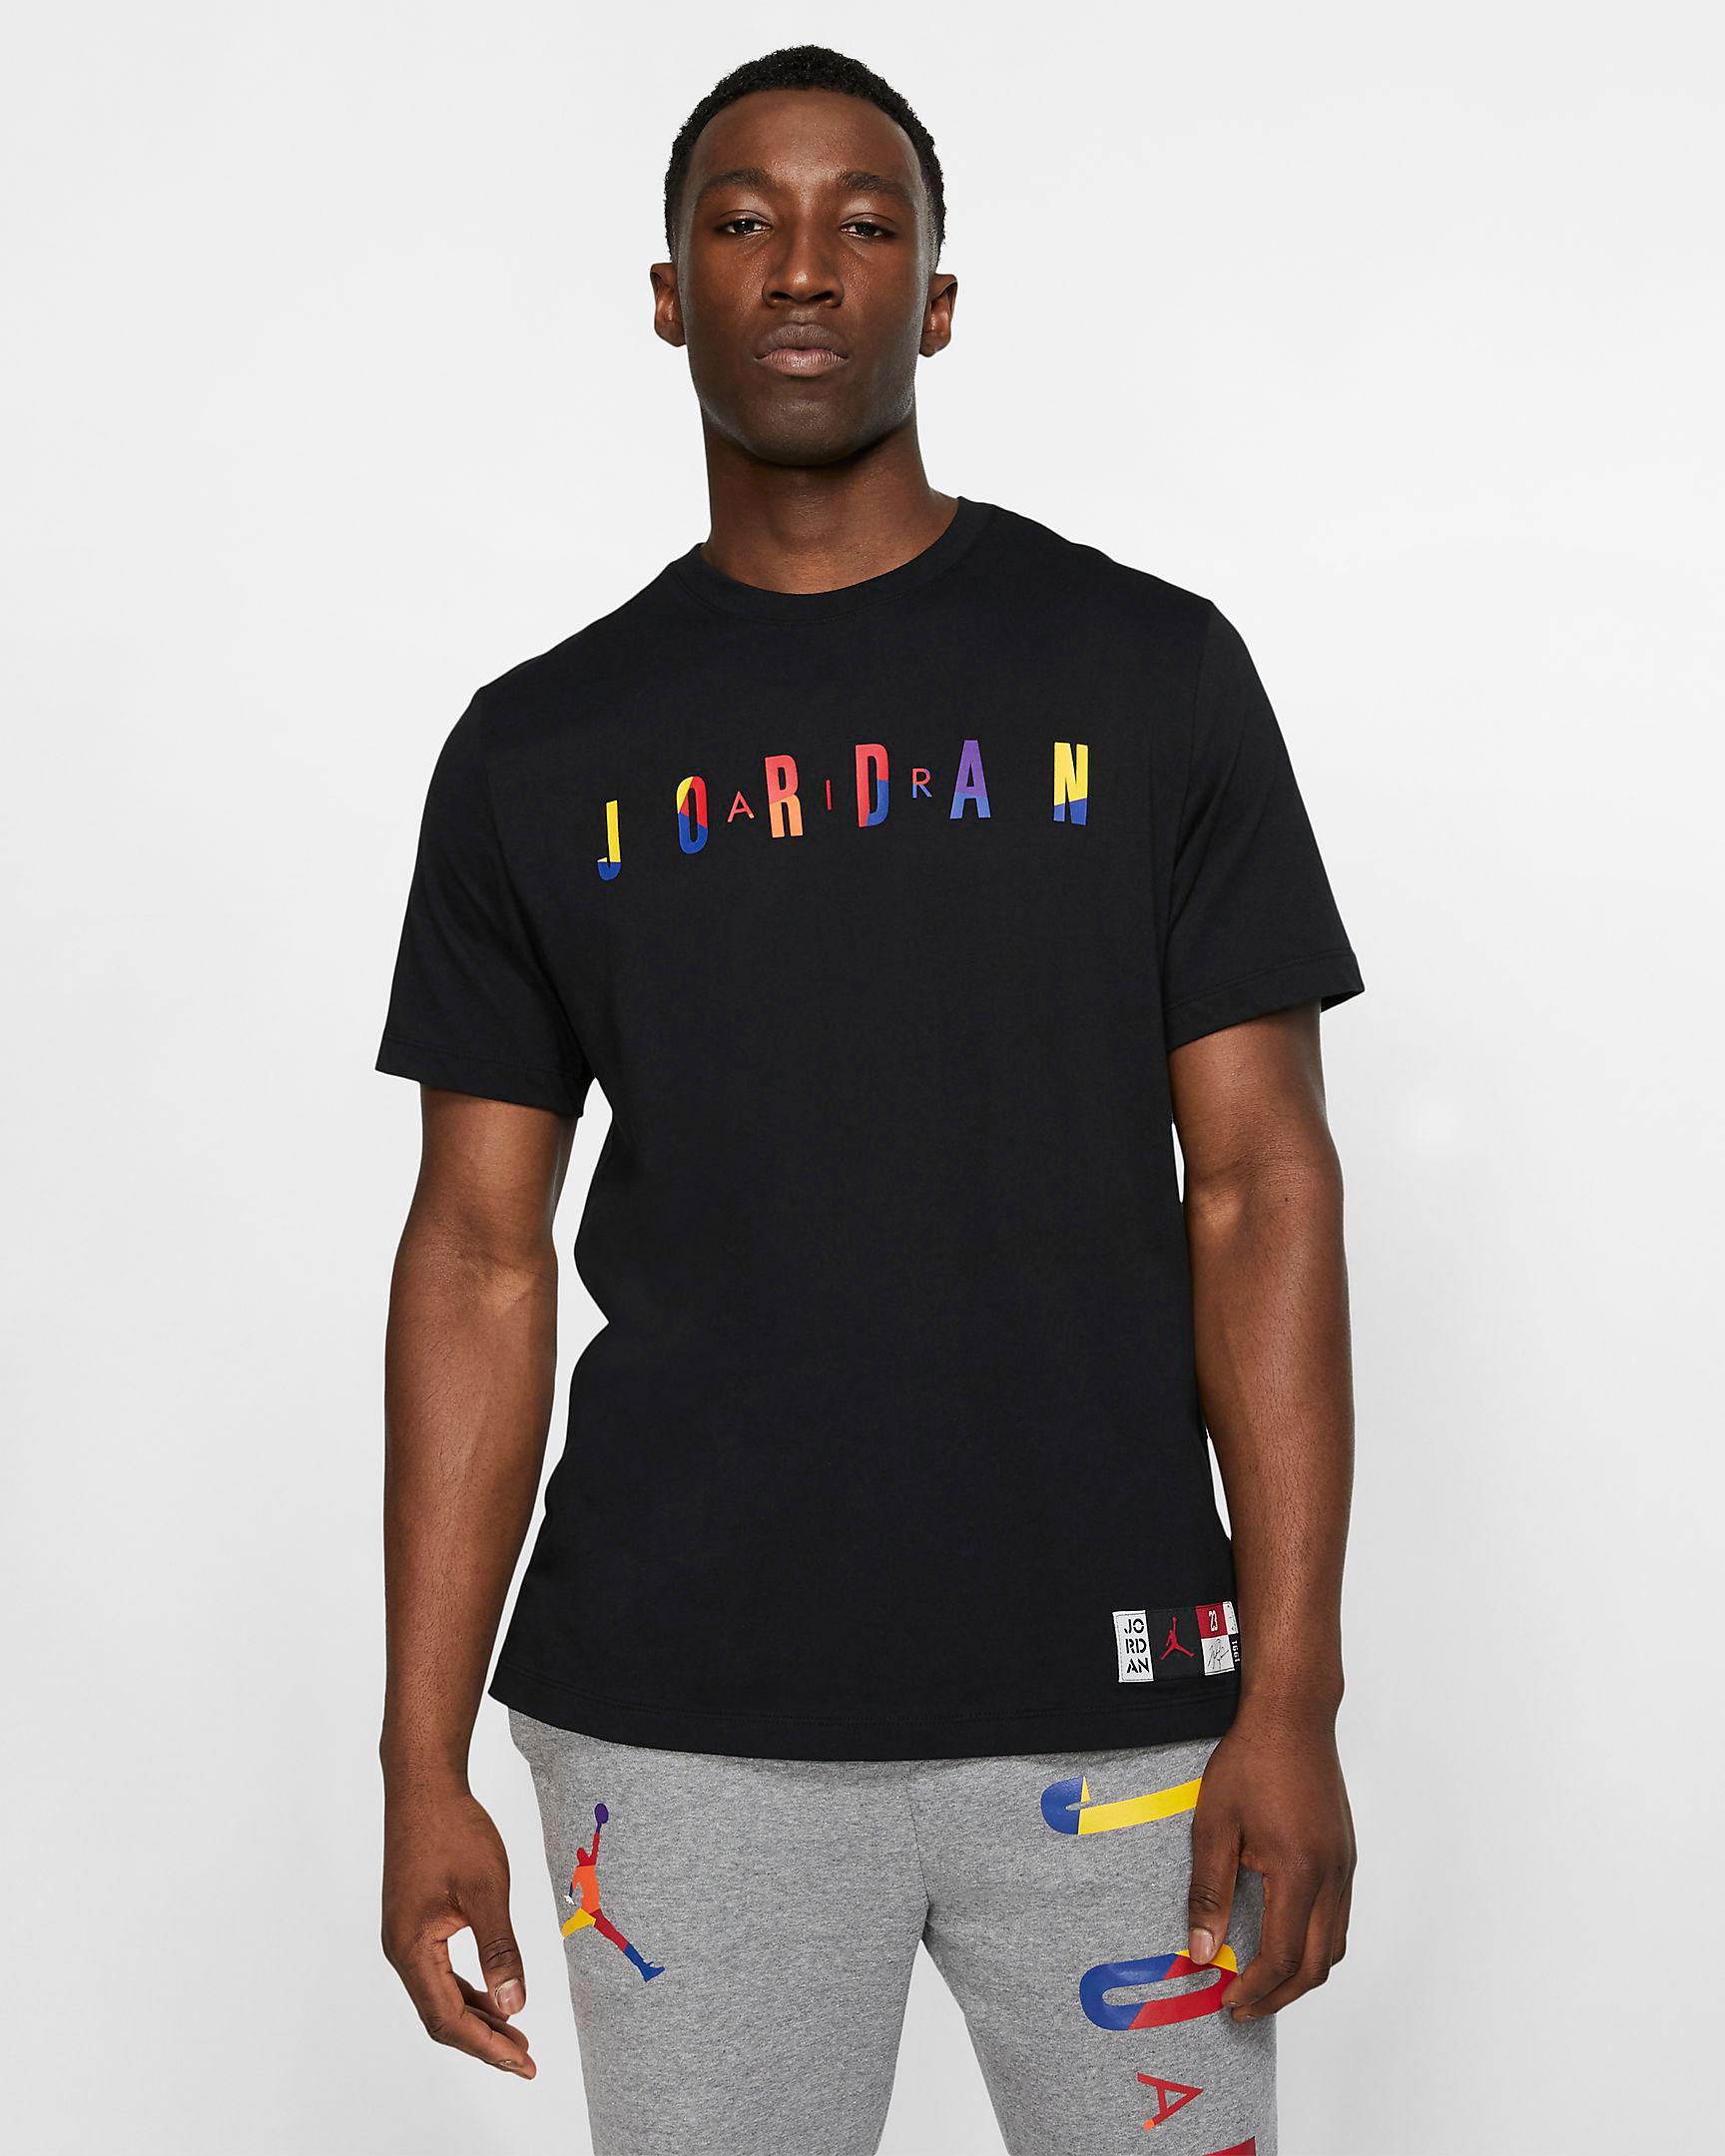 lakers-jordan-13-rivals-tee-shirt-black-1